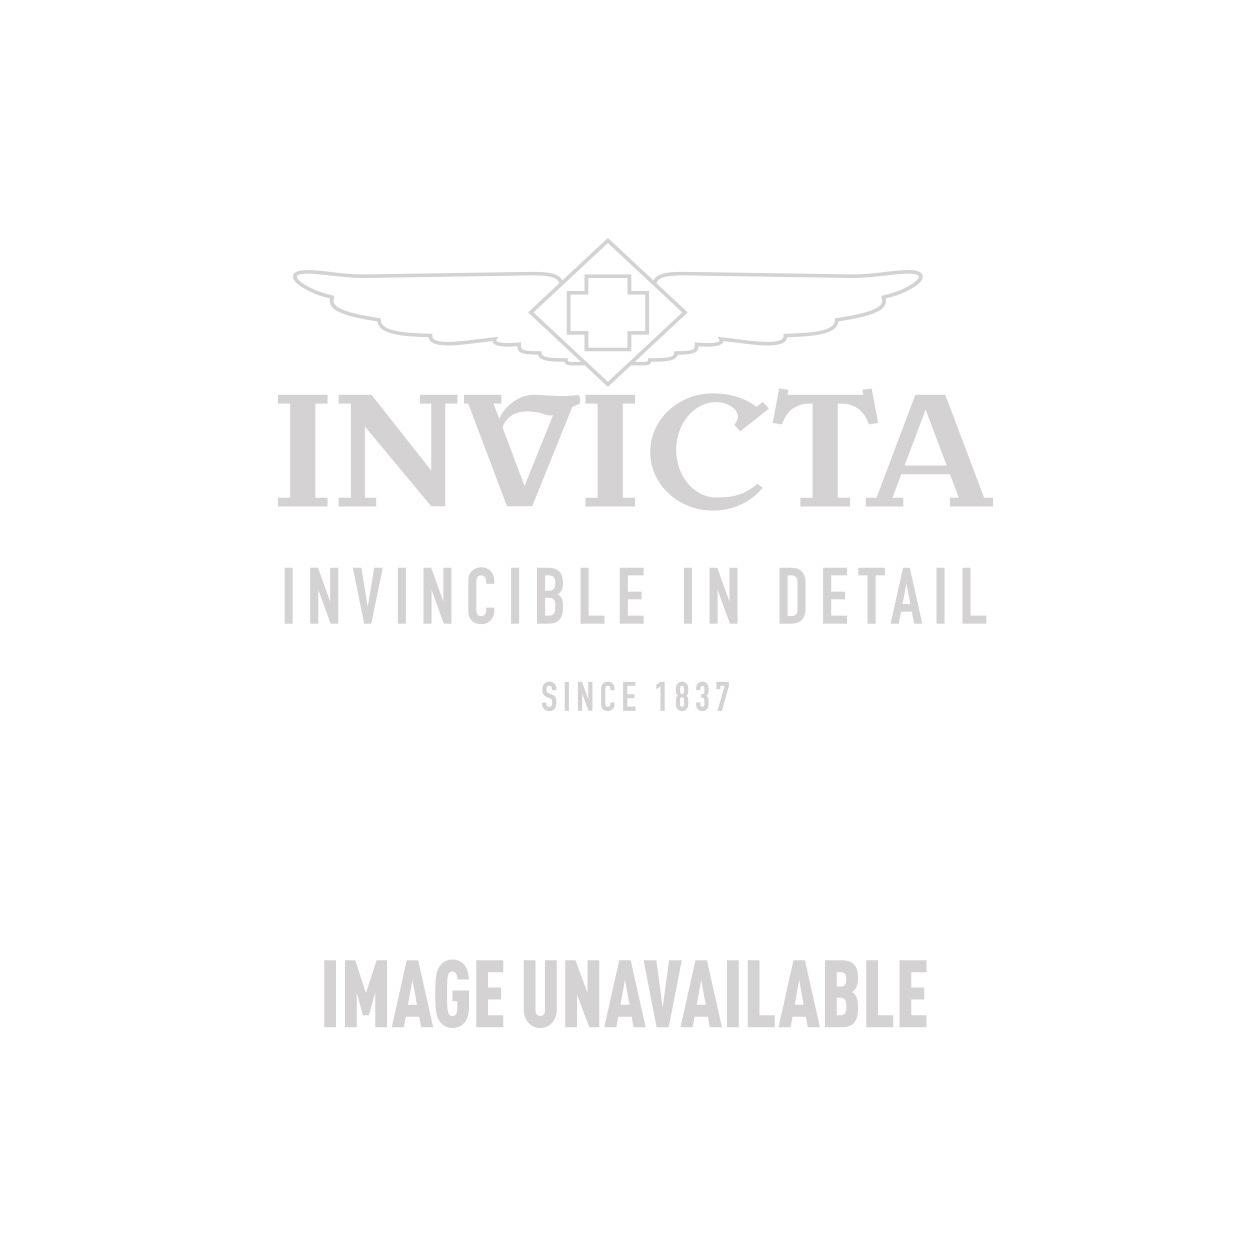 Invicta Model 23157